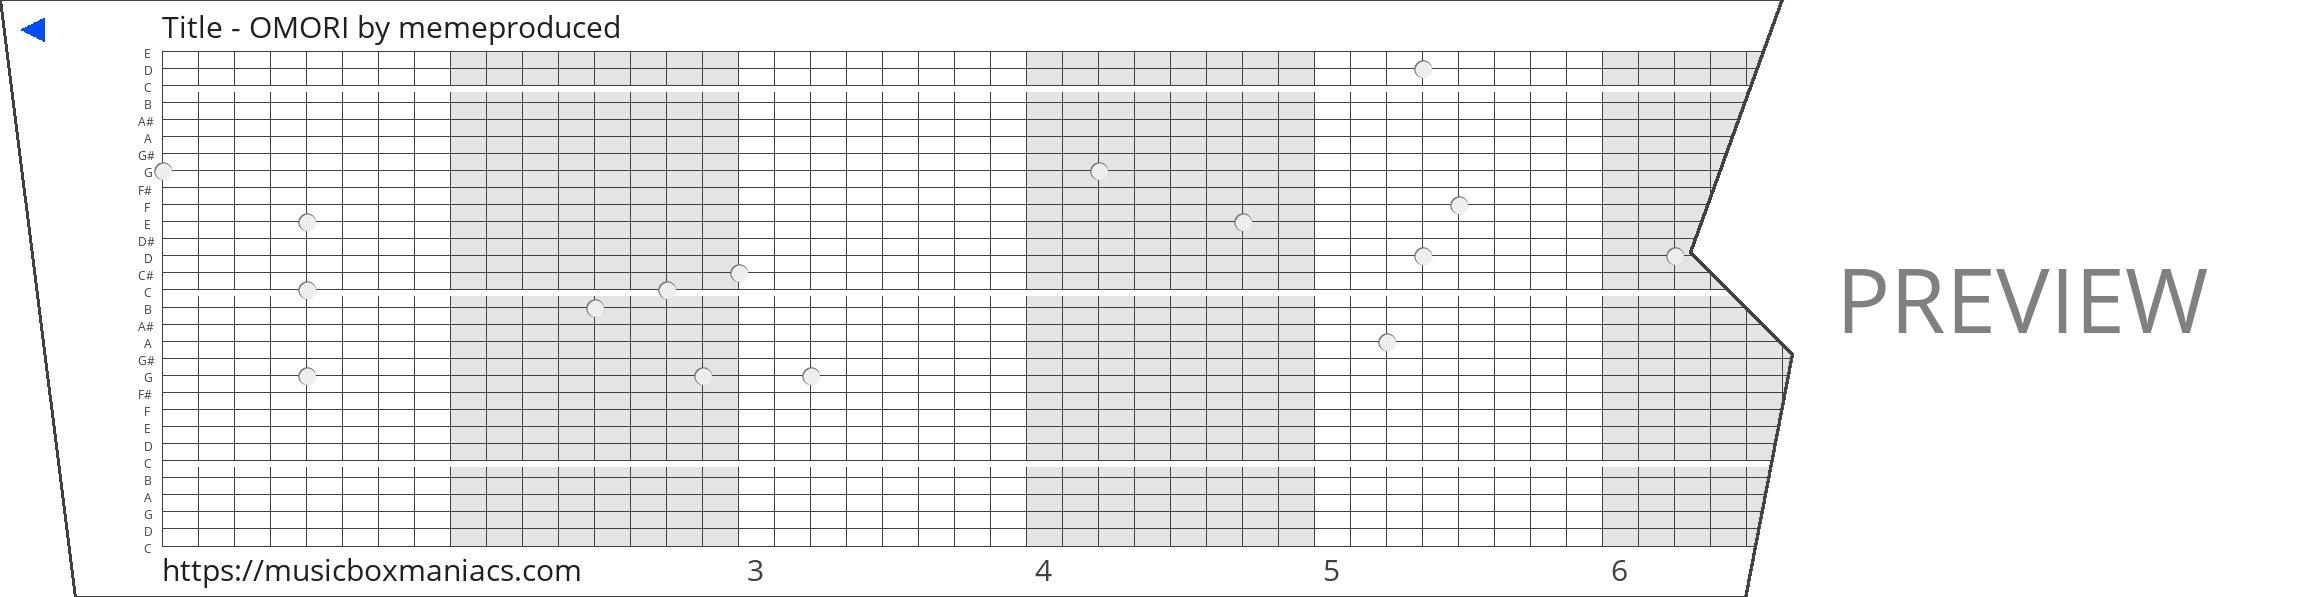 Title - OMORI 30 note music box paper strip